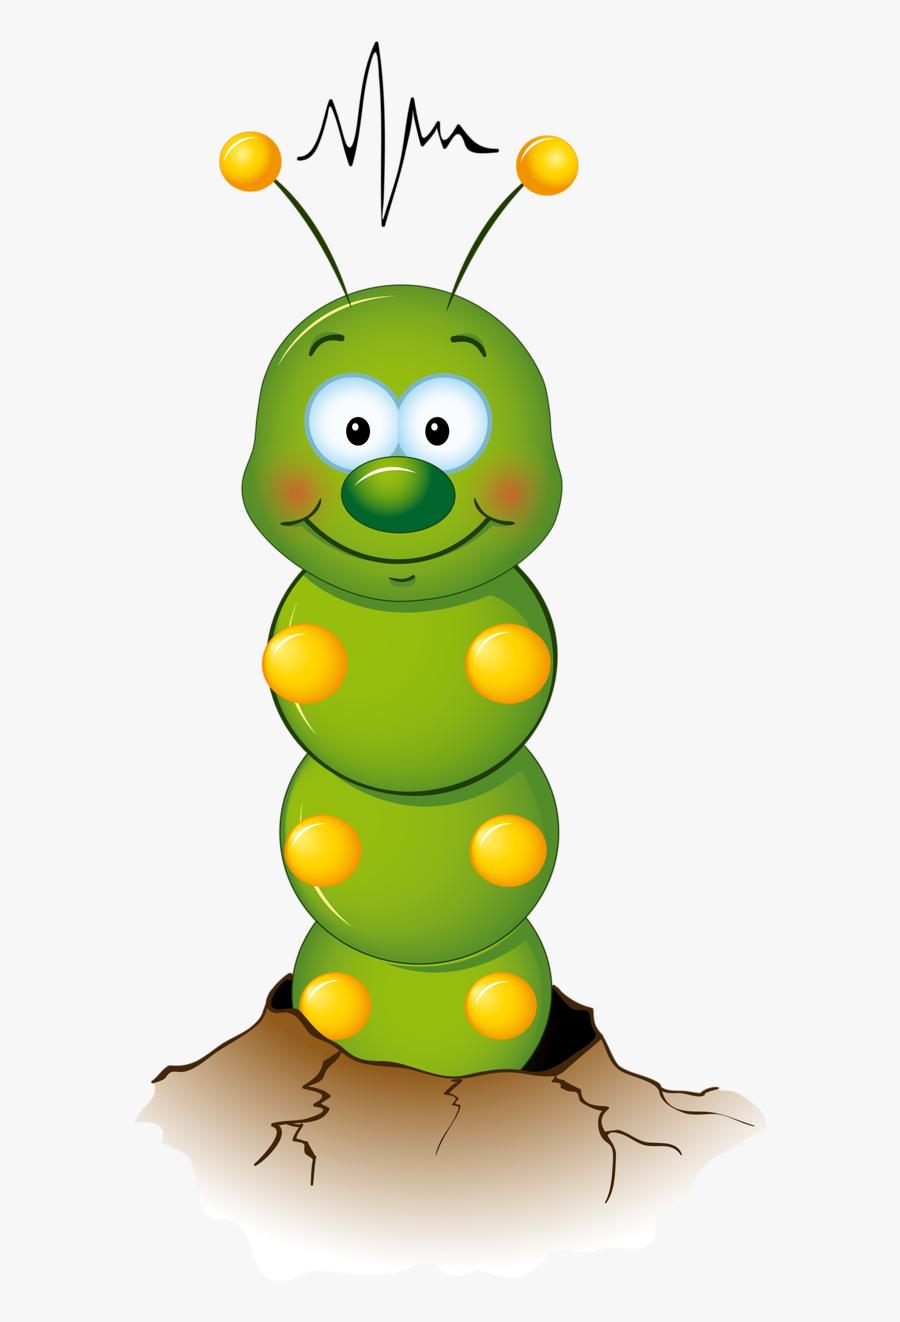 Transparent Caterpillar Clipart Worm Cartoon Drawing Free